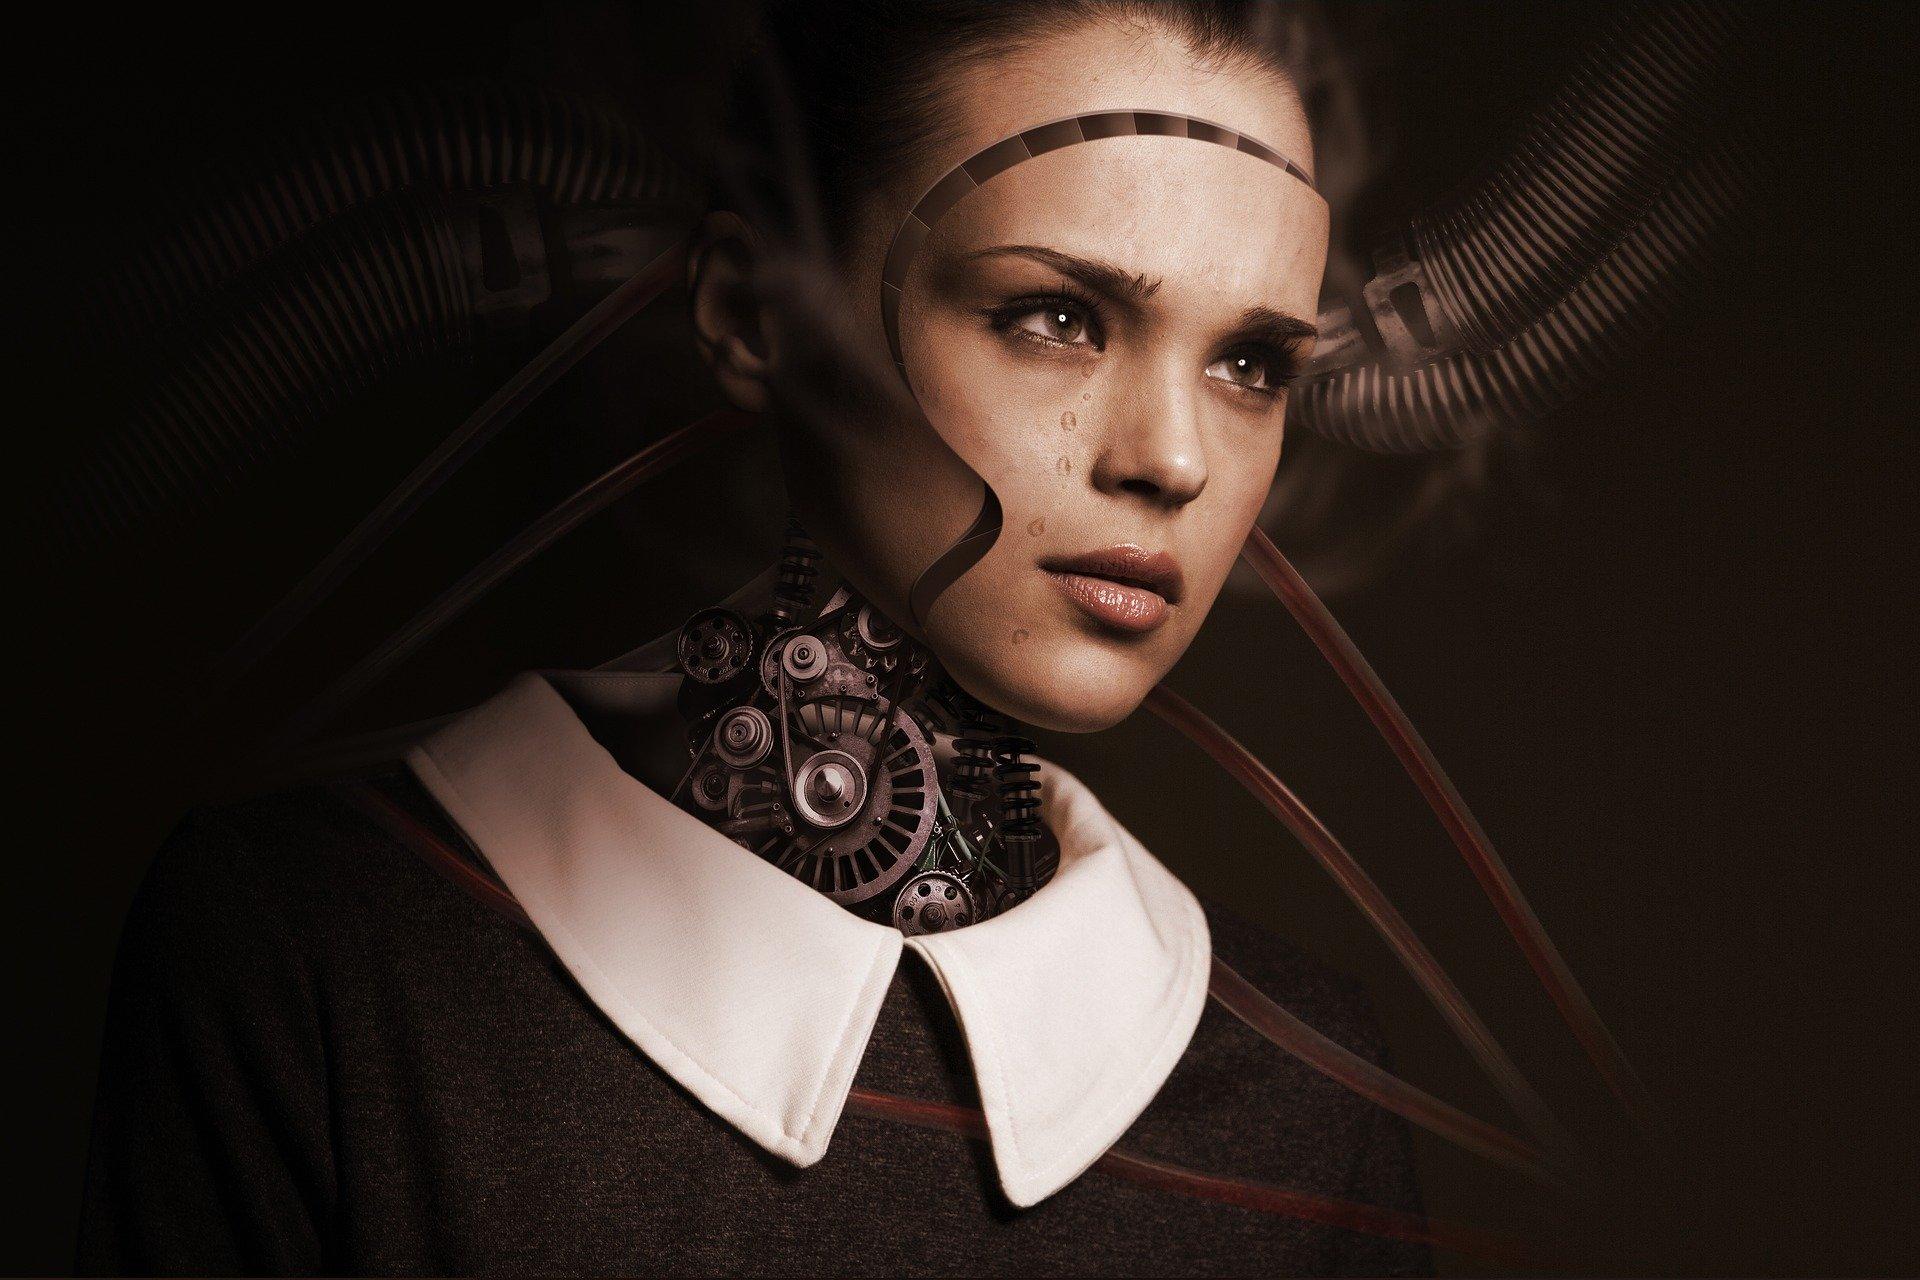 Que experiências de inteligência artificial querem os consumidores